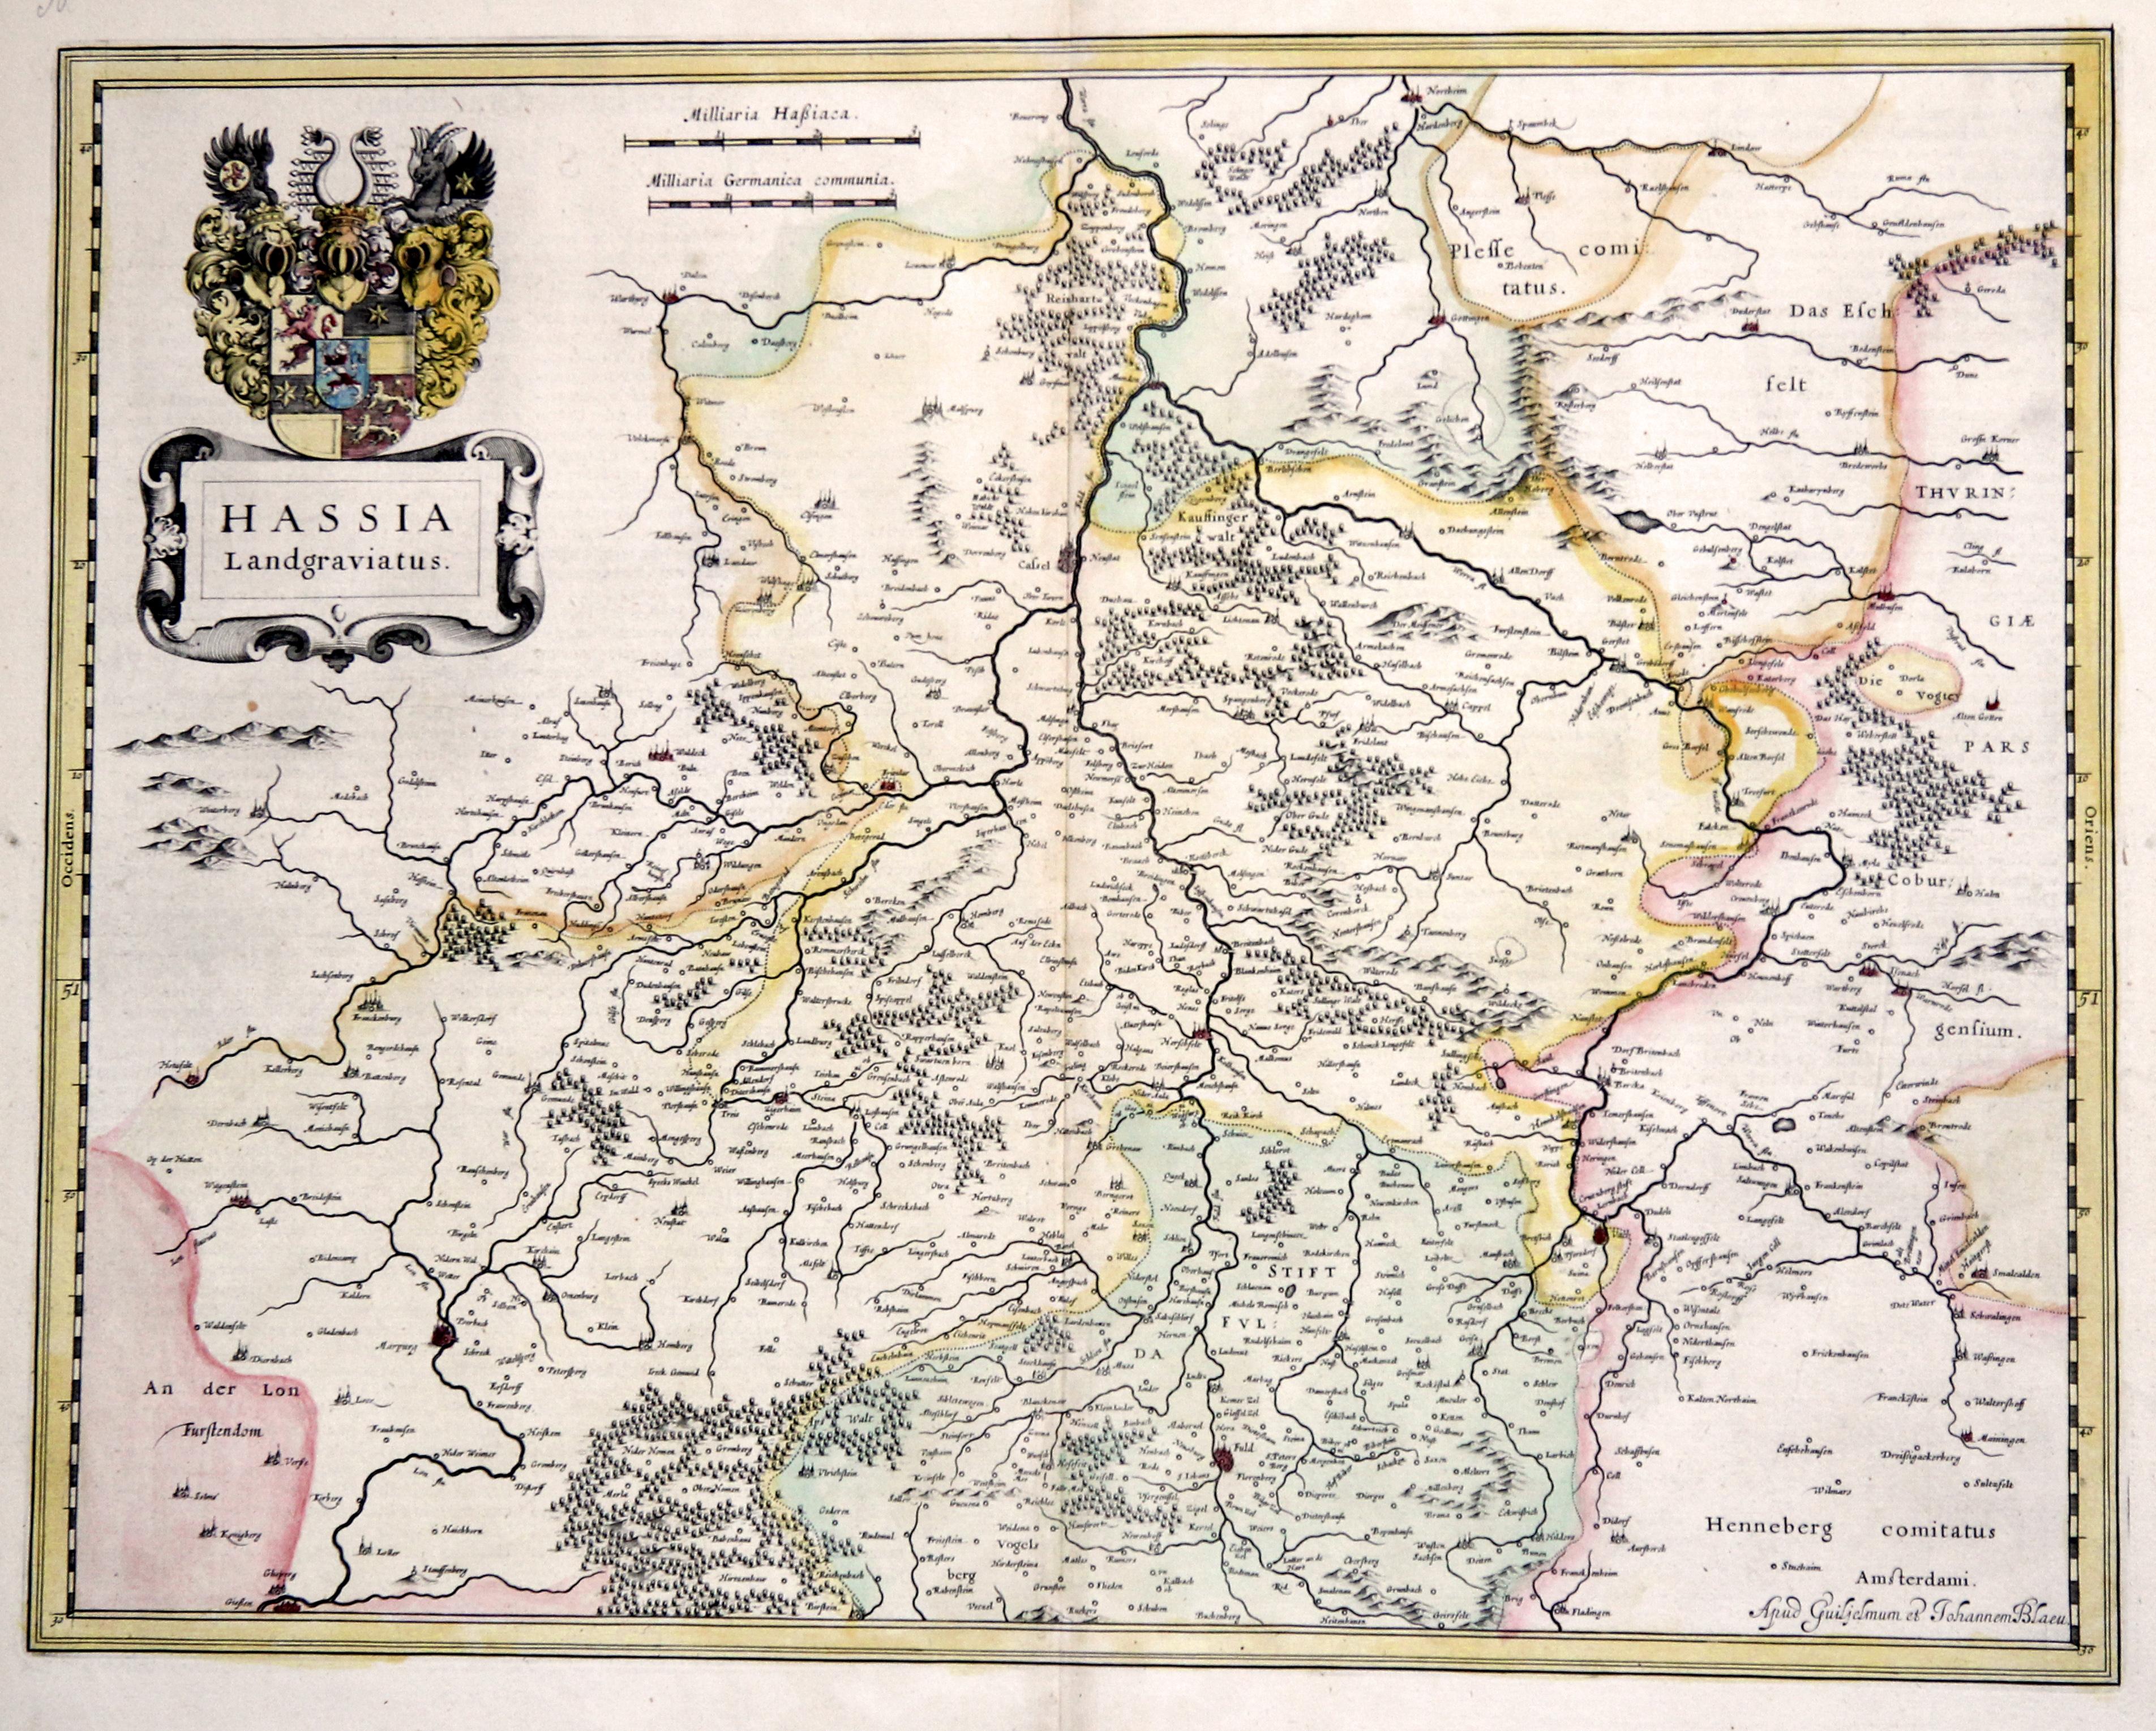 """Kst.- Karte, b. G. Blaeu, """"Hassia Landgraviatus"""".: Nordhessen:"""